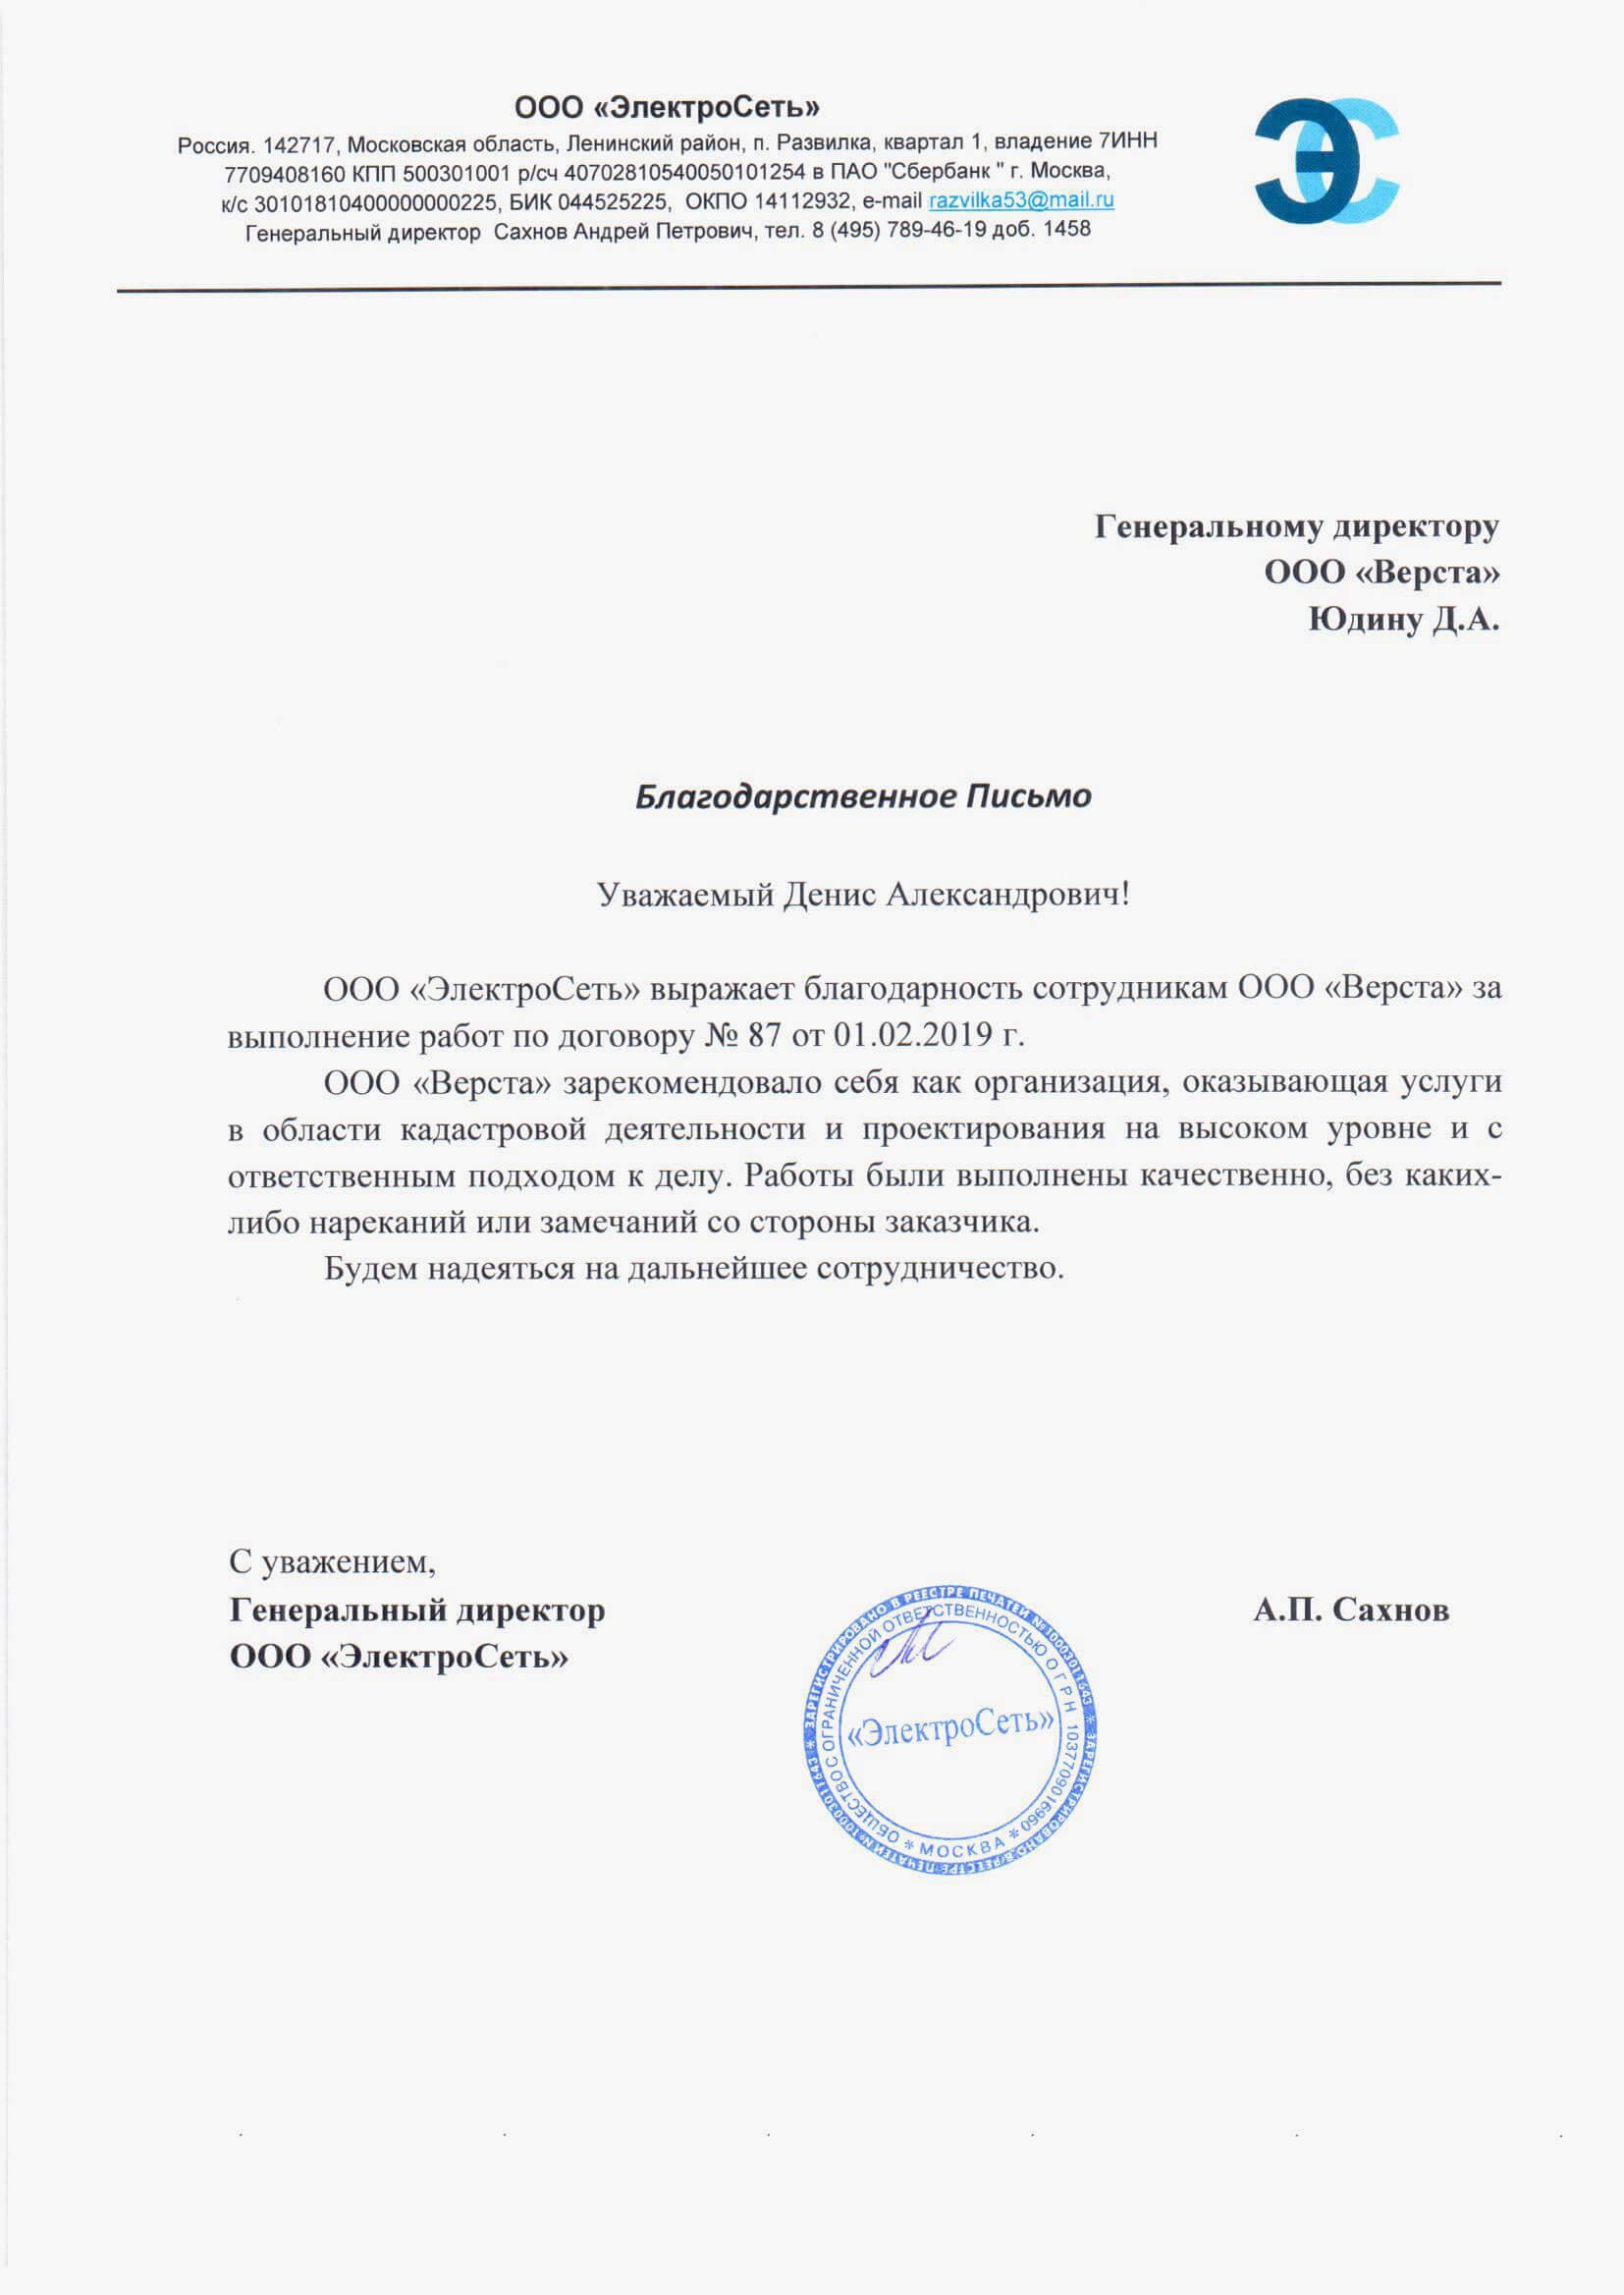 """Благодарственное письмо от ООО """"ЭлектроСеть"""""""